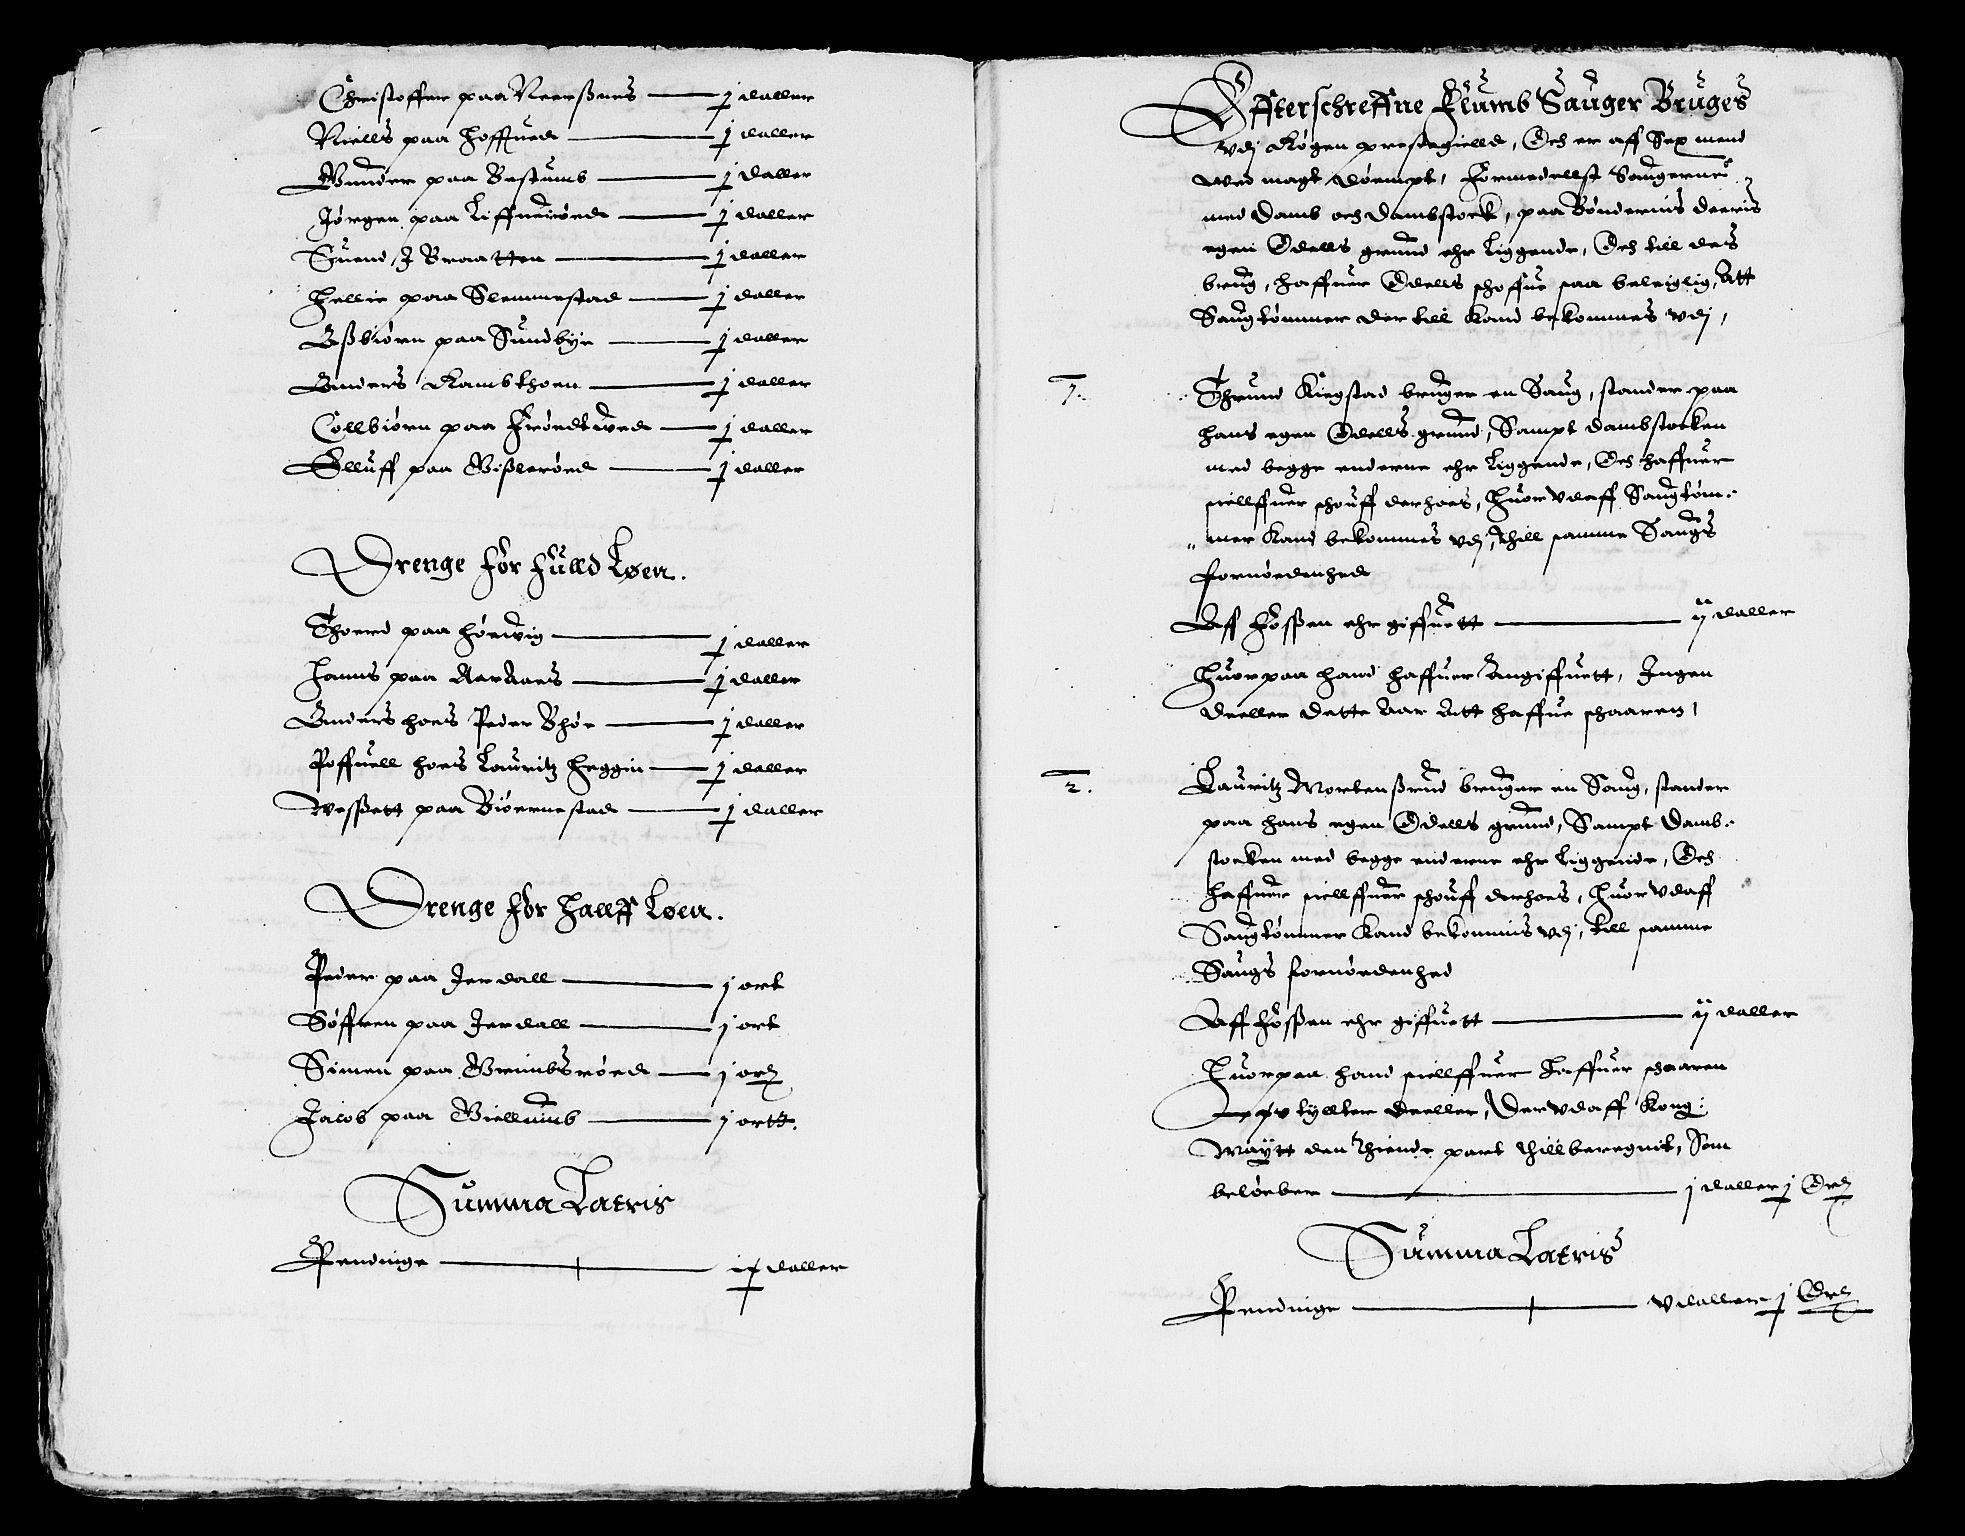 RA, Rentekammeret inntil 1814, Reviderte regnskaper, Lensregnskaper, R/Rb/Rba/L0063: Akershus len, 1622, s. upaginert